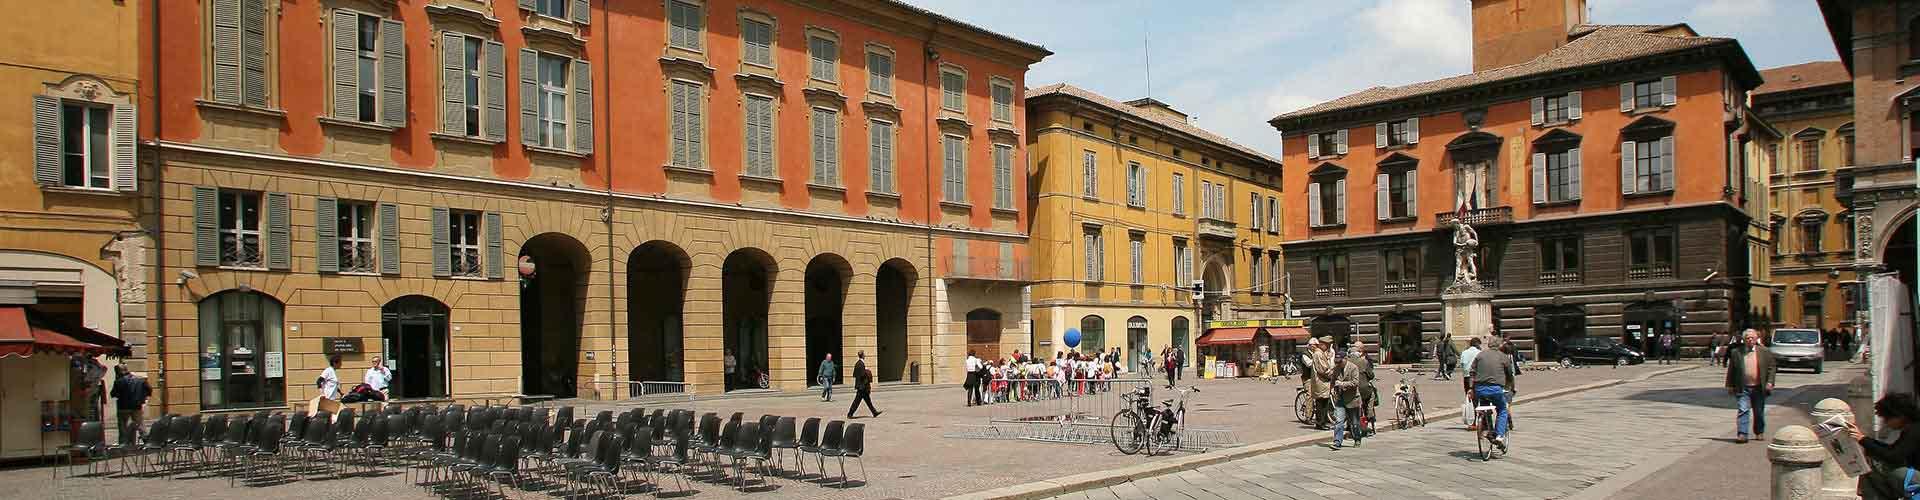 Reggio Emilia - Hostales en Reggio Emilia. Mapas de Reggio Emilia, Fotos y comentarios de cada Hostal en Reggio Emilia.